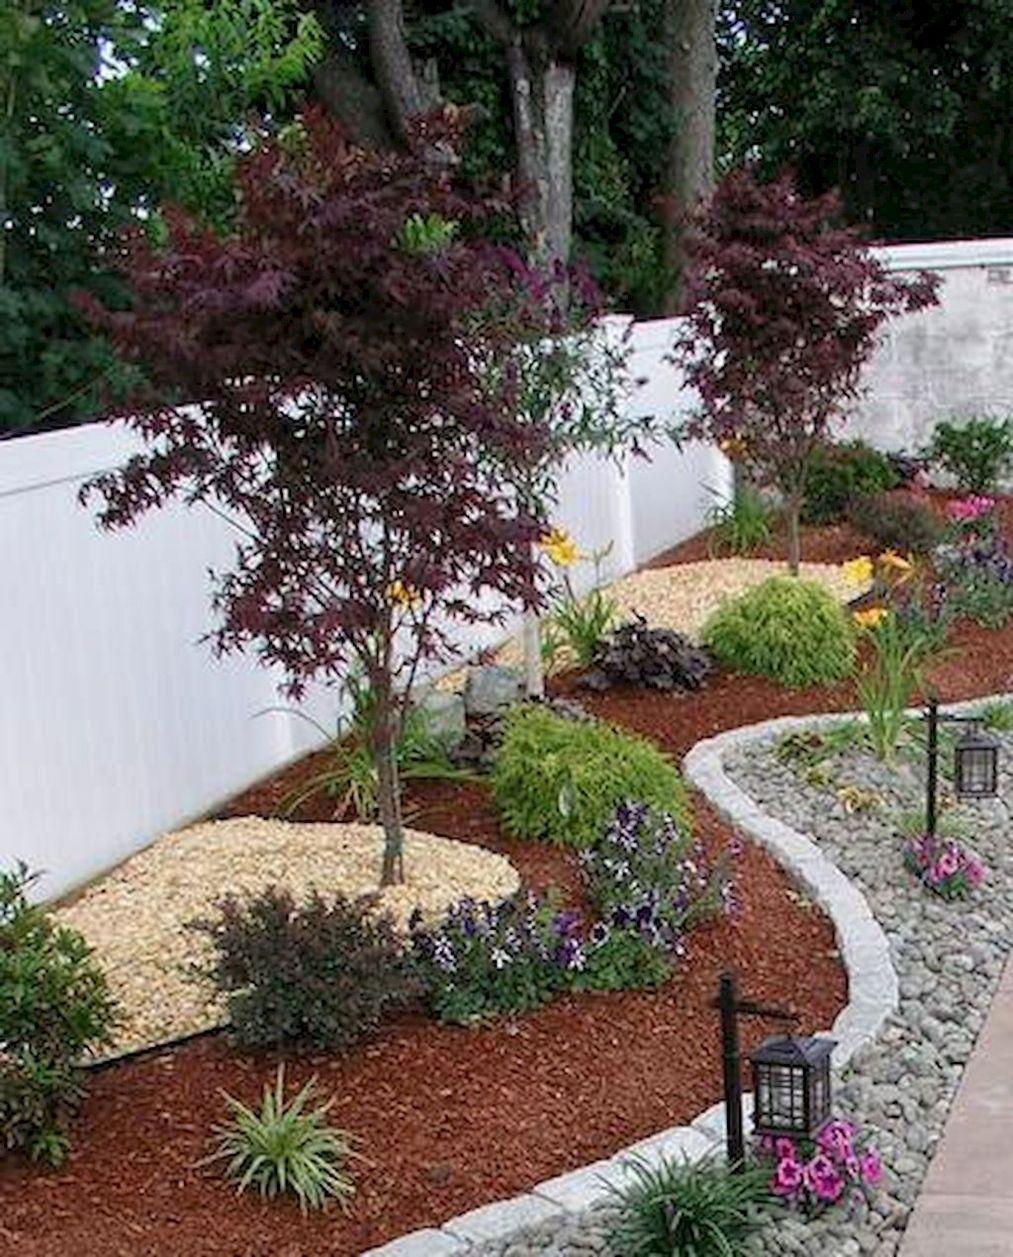 Landscape Design Software By Idea Spectrum: Backyard Landscaping Ideas Az #landscapingbackyardideas